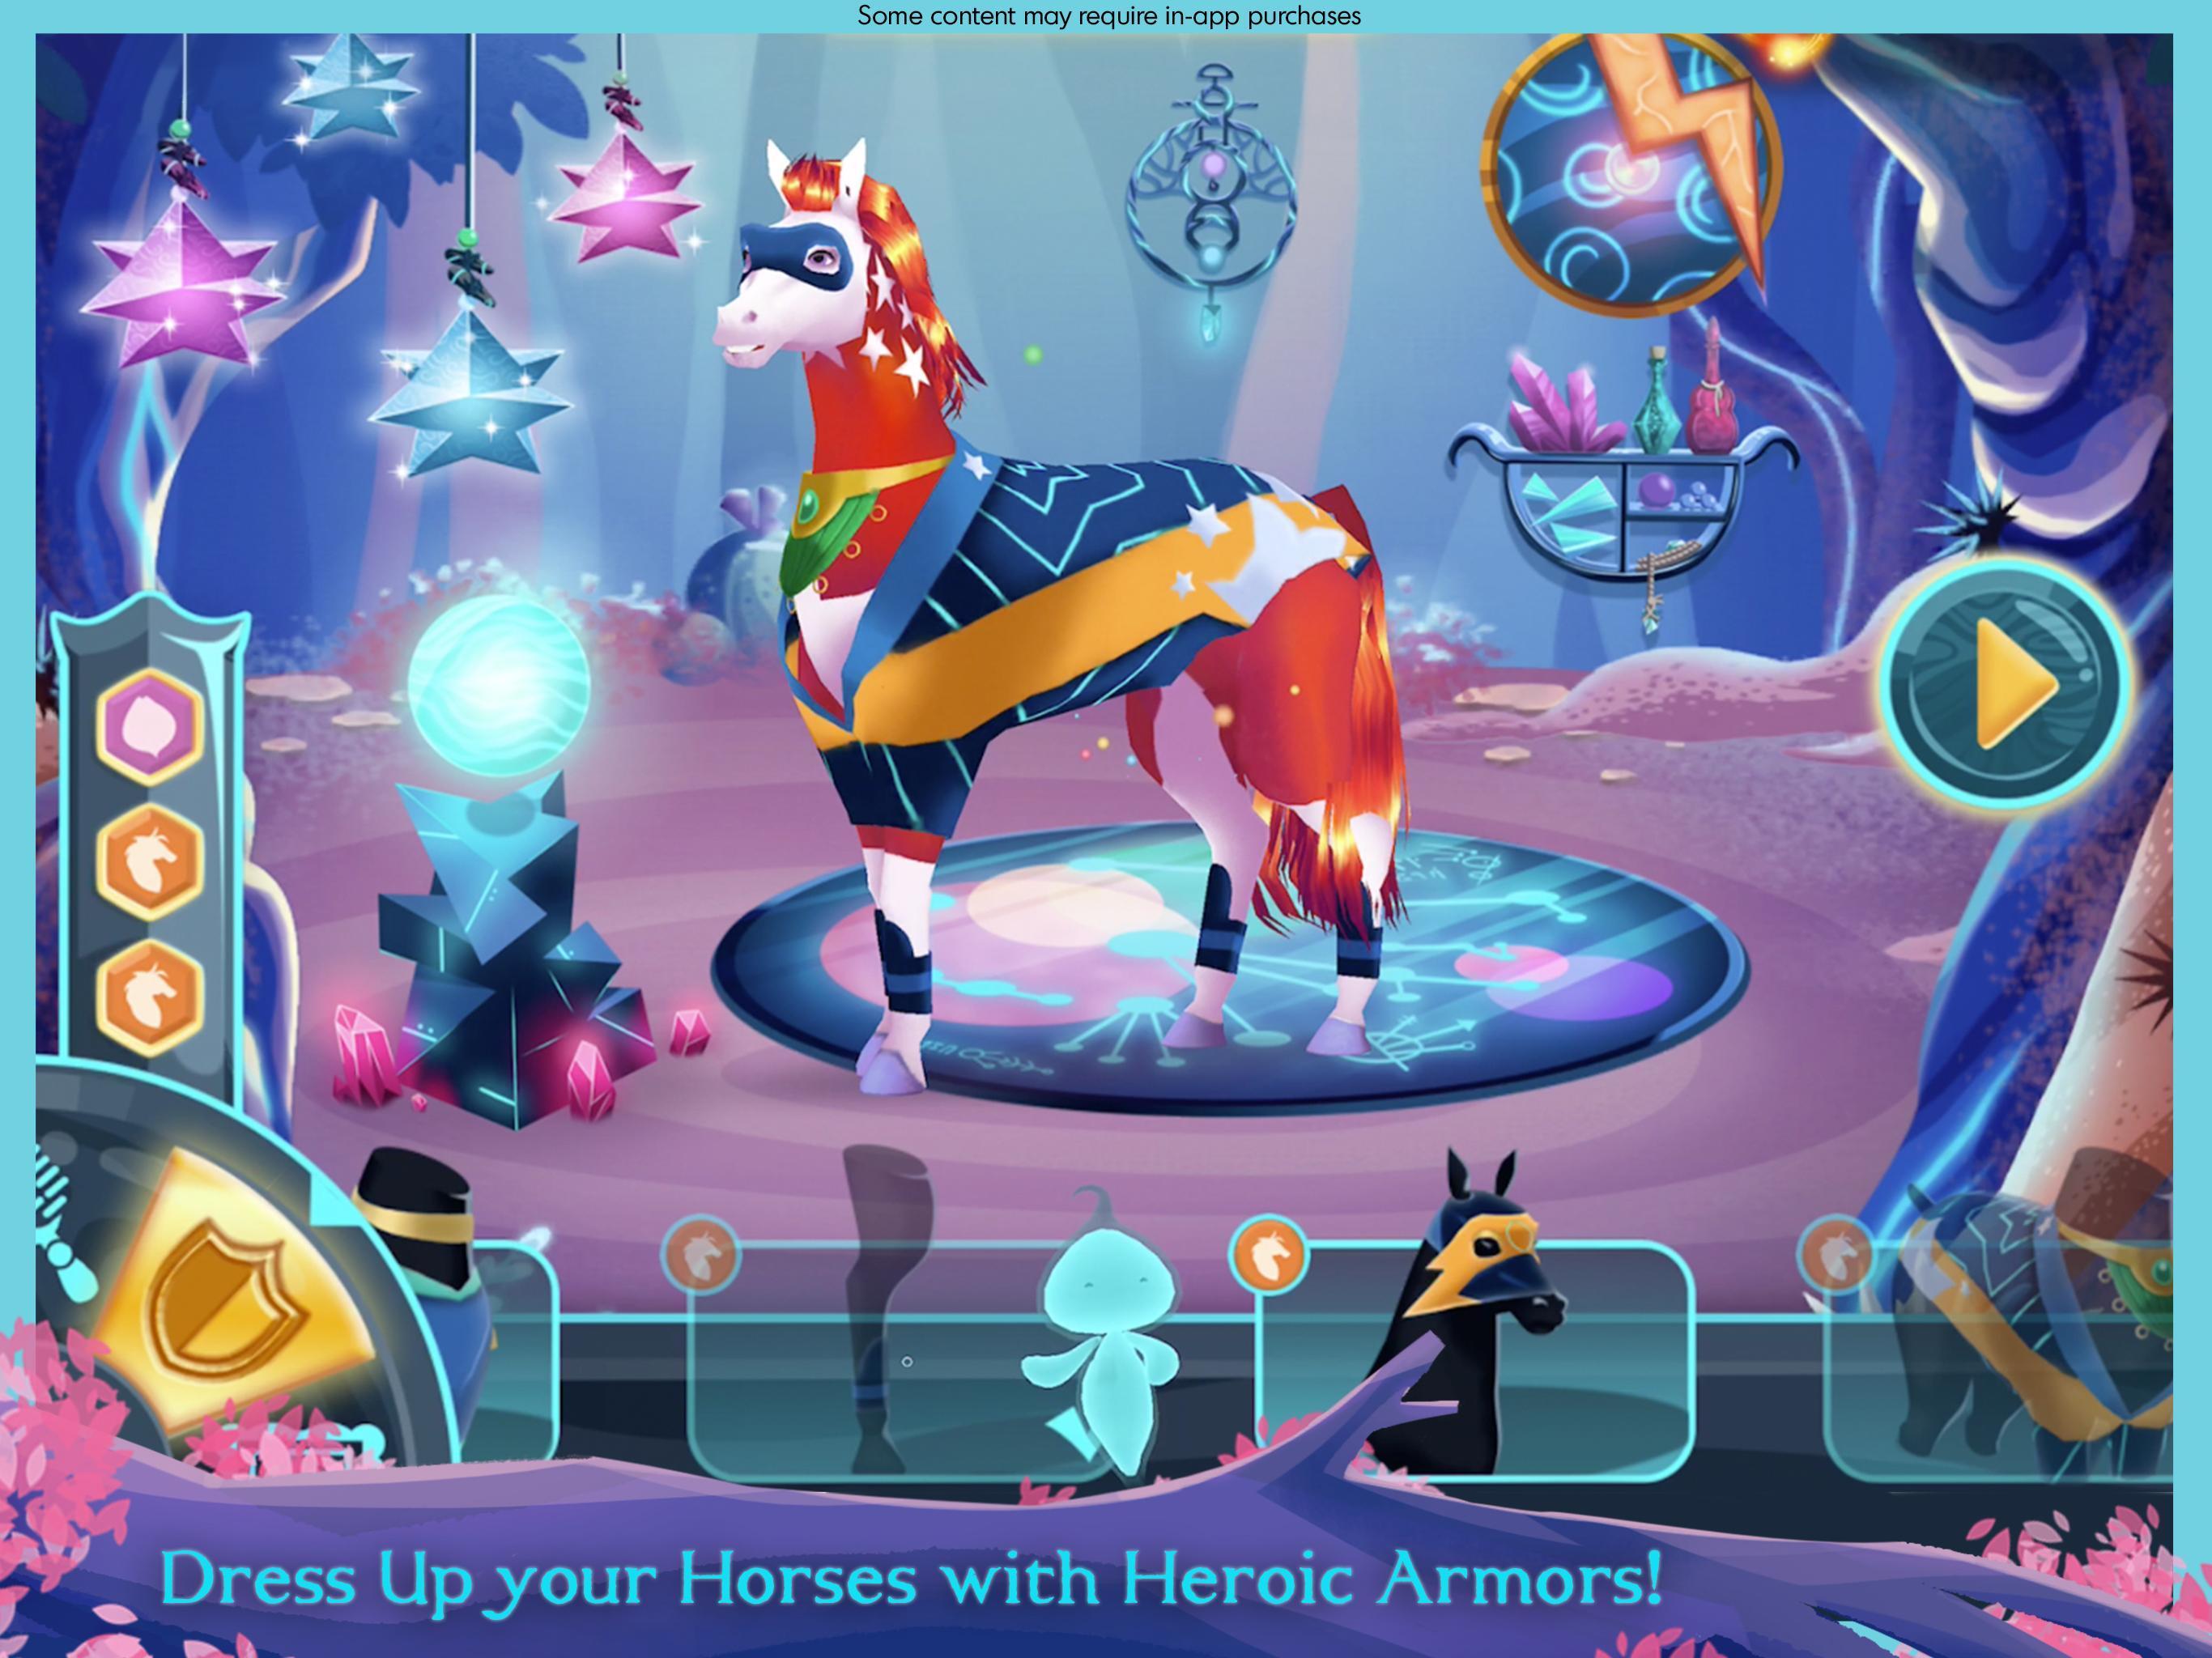 EverRun The Horse Guardians - Epic Endless Runner 2.3 Screenshot 13